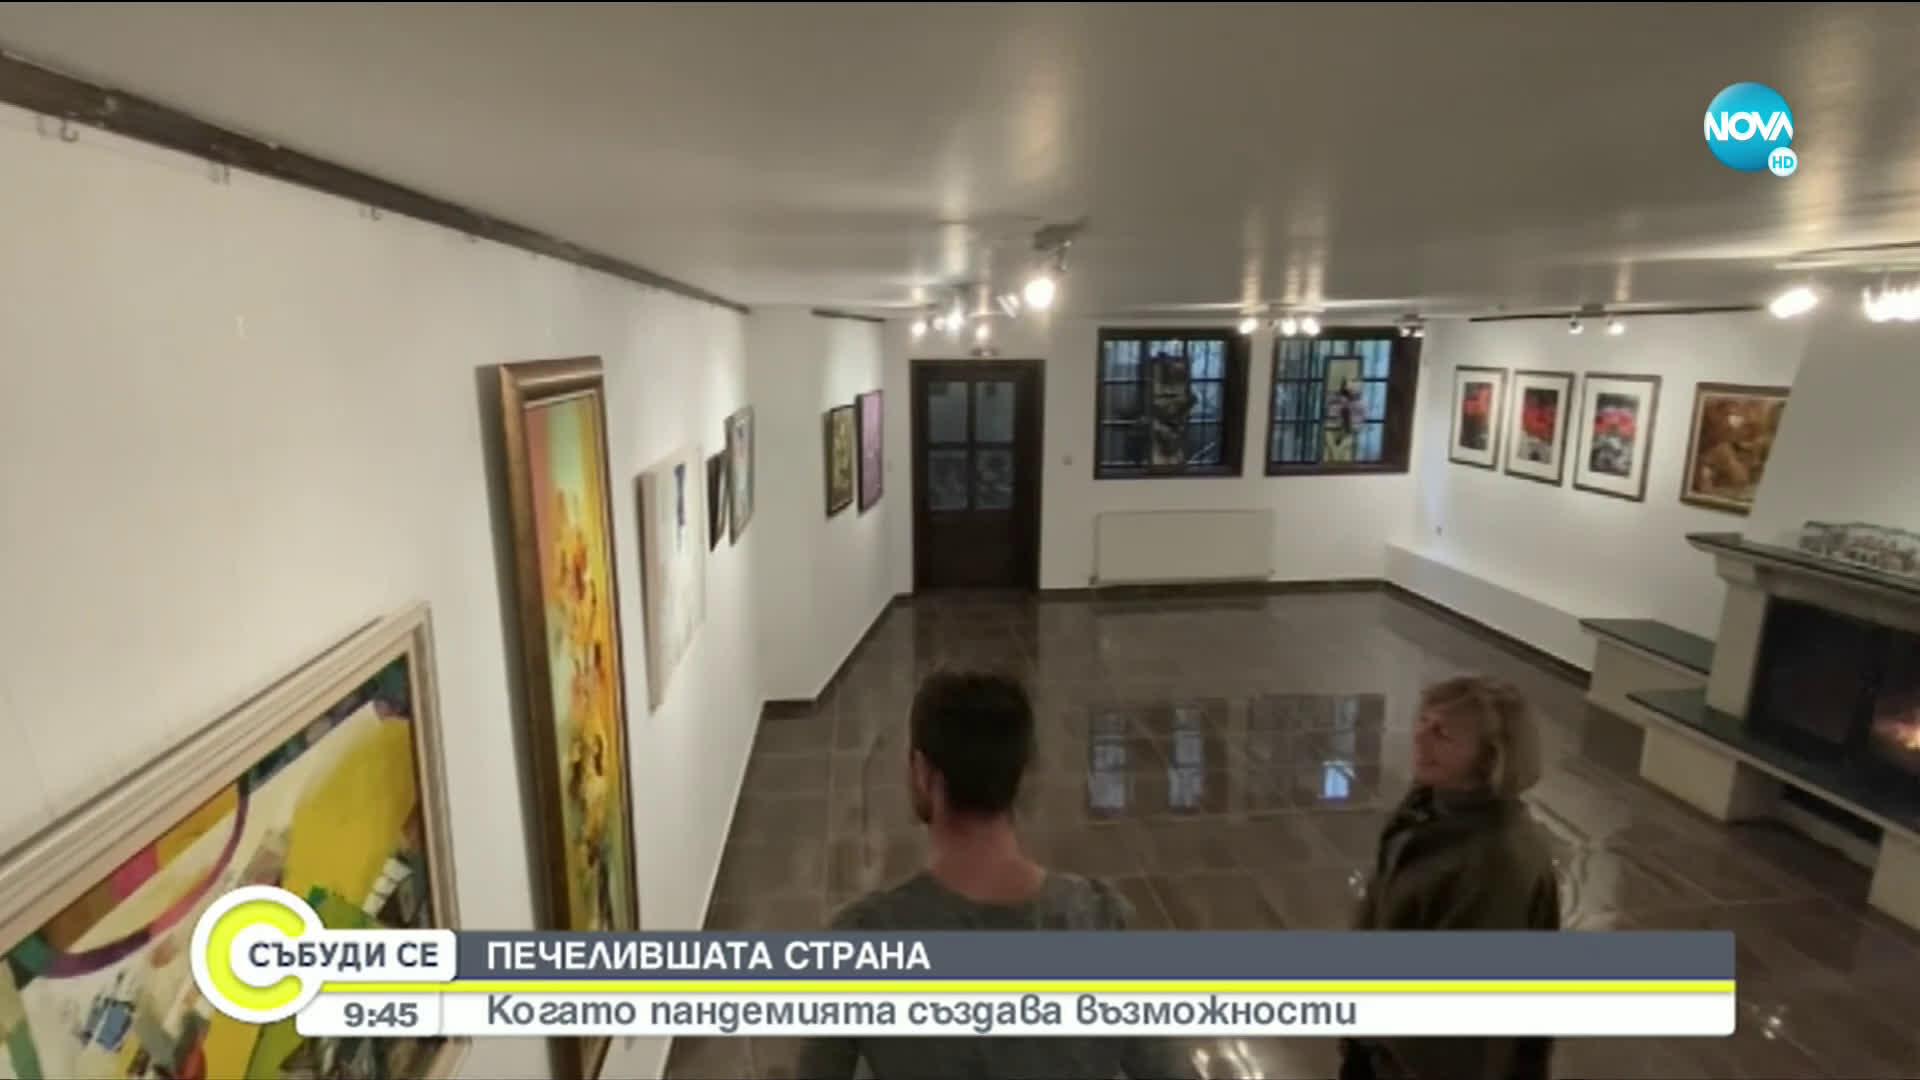 В РАЗГАРА НА ПАНДЕМИЯТА: Галерия в Трявна дава пример как да оцелее изкуството